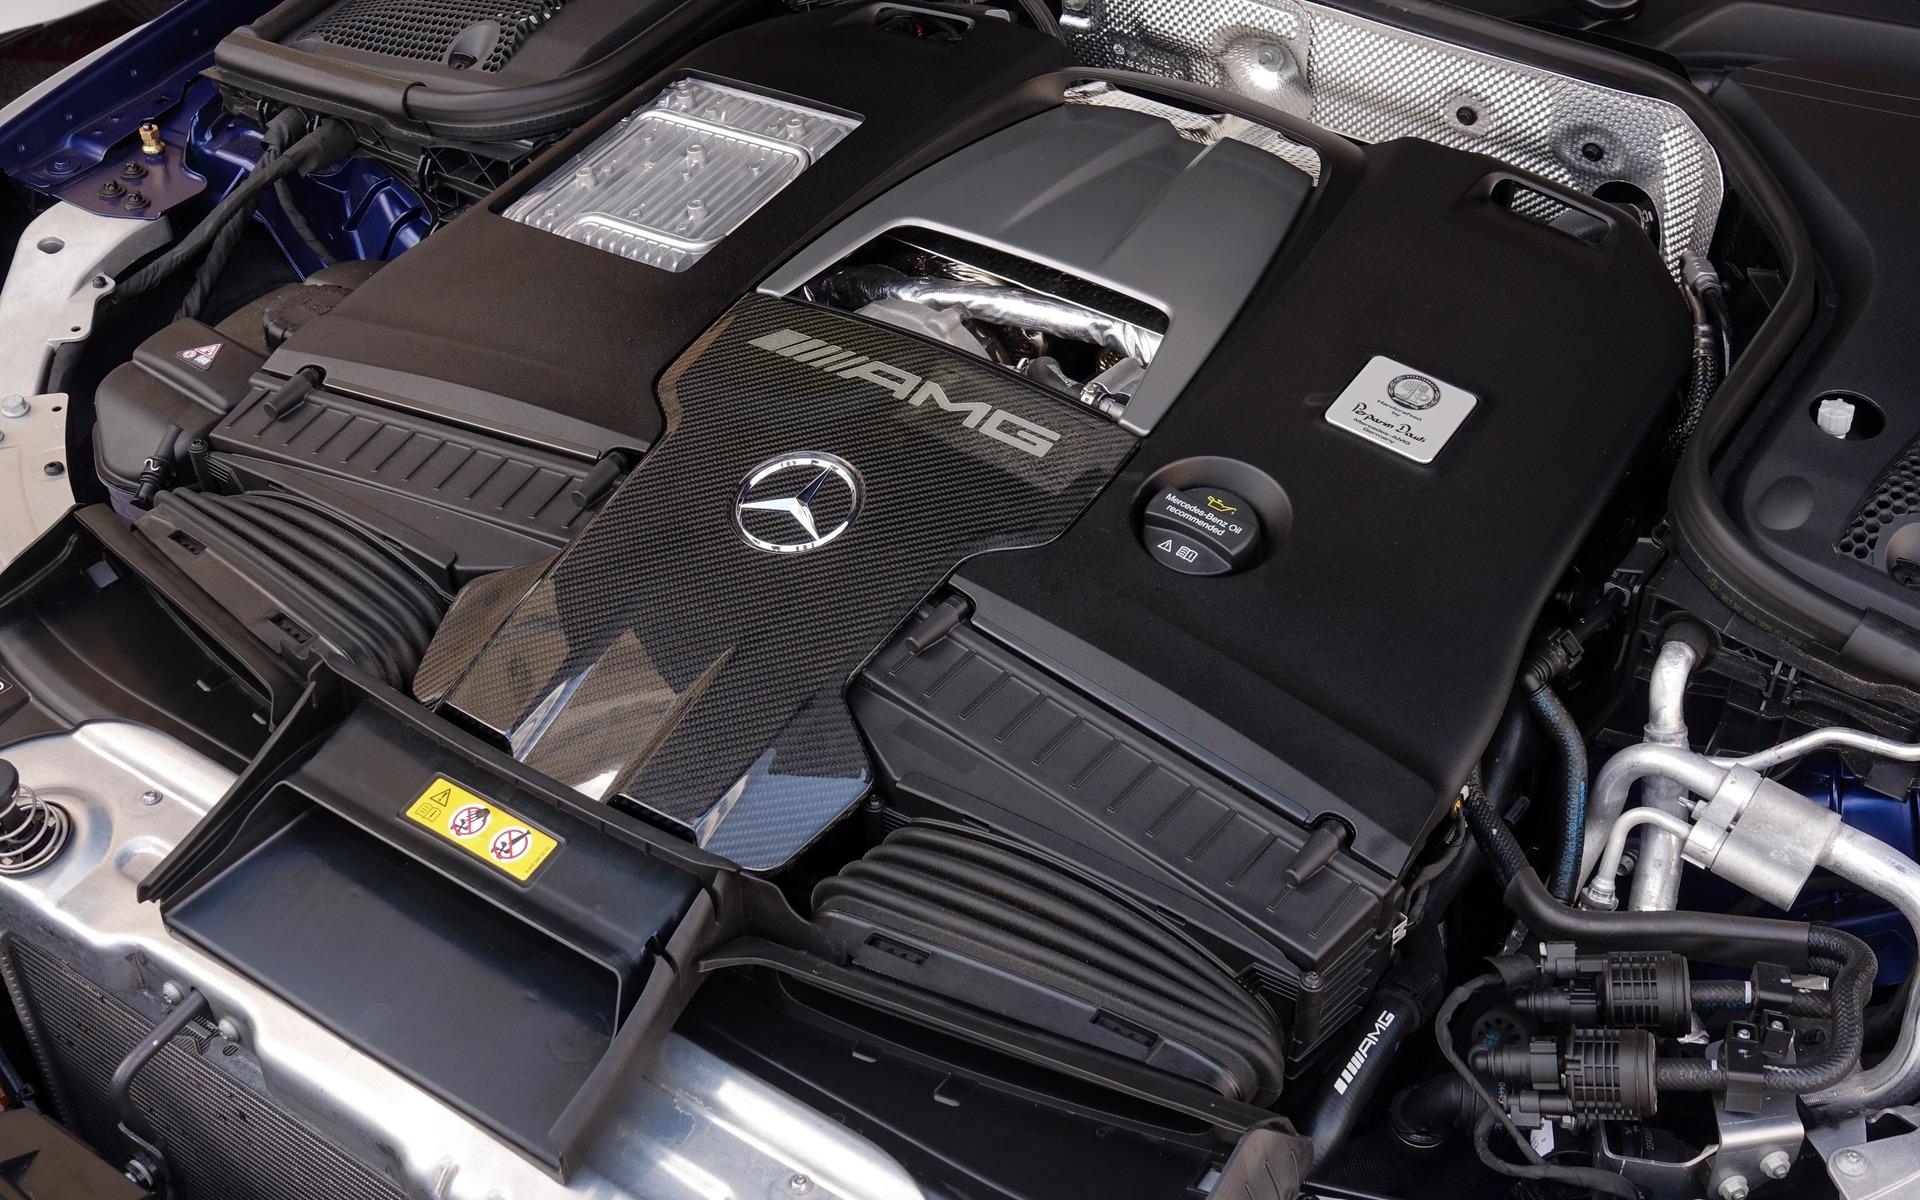 Mercedes-AMG GT coupé 4 portes 2019 : tous les angles bien couverts 349731_2019_Mercedes-Benz_AMG_GT